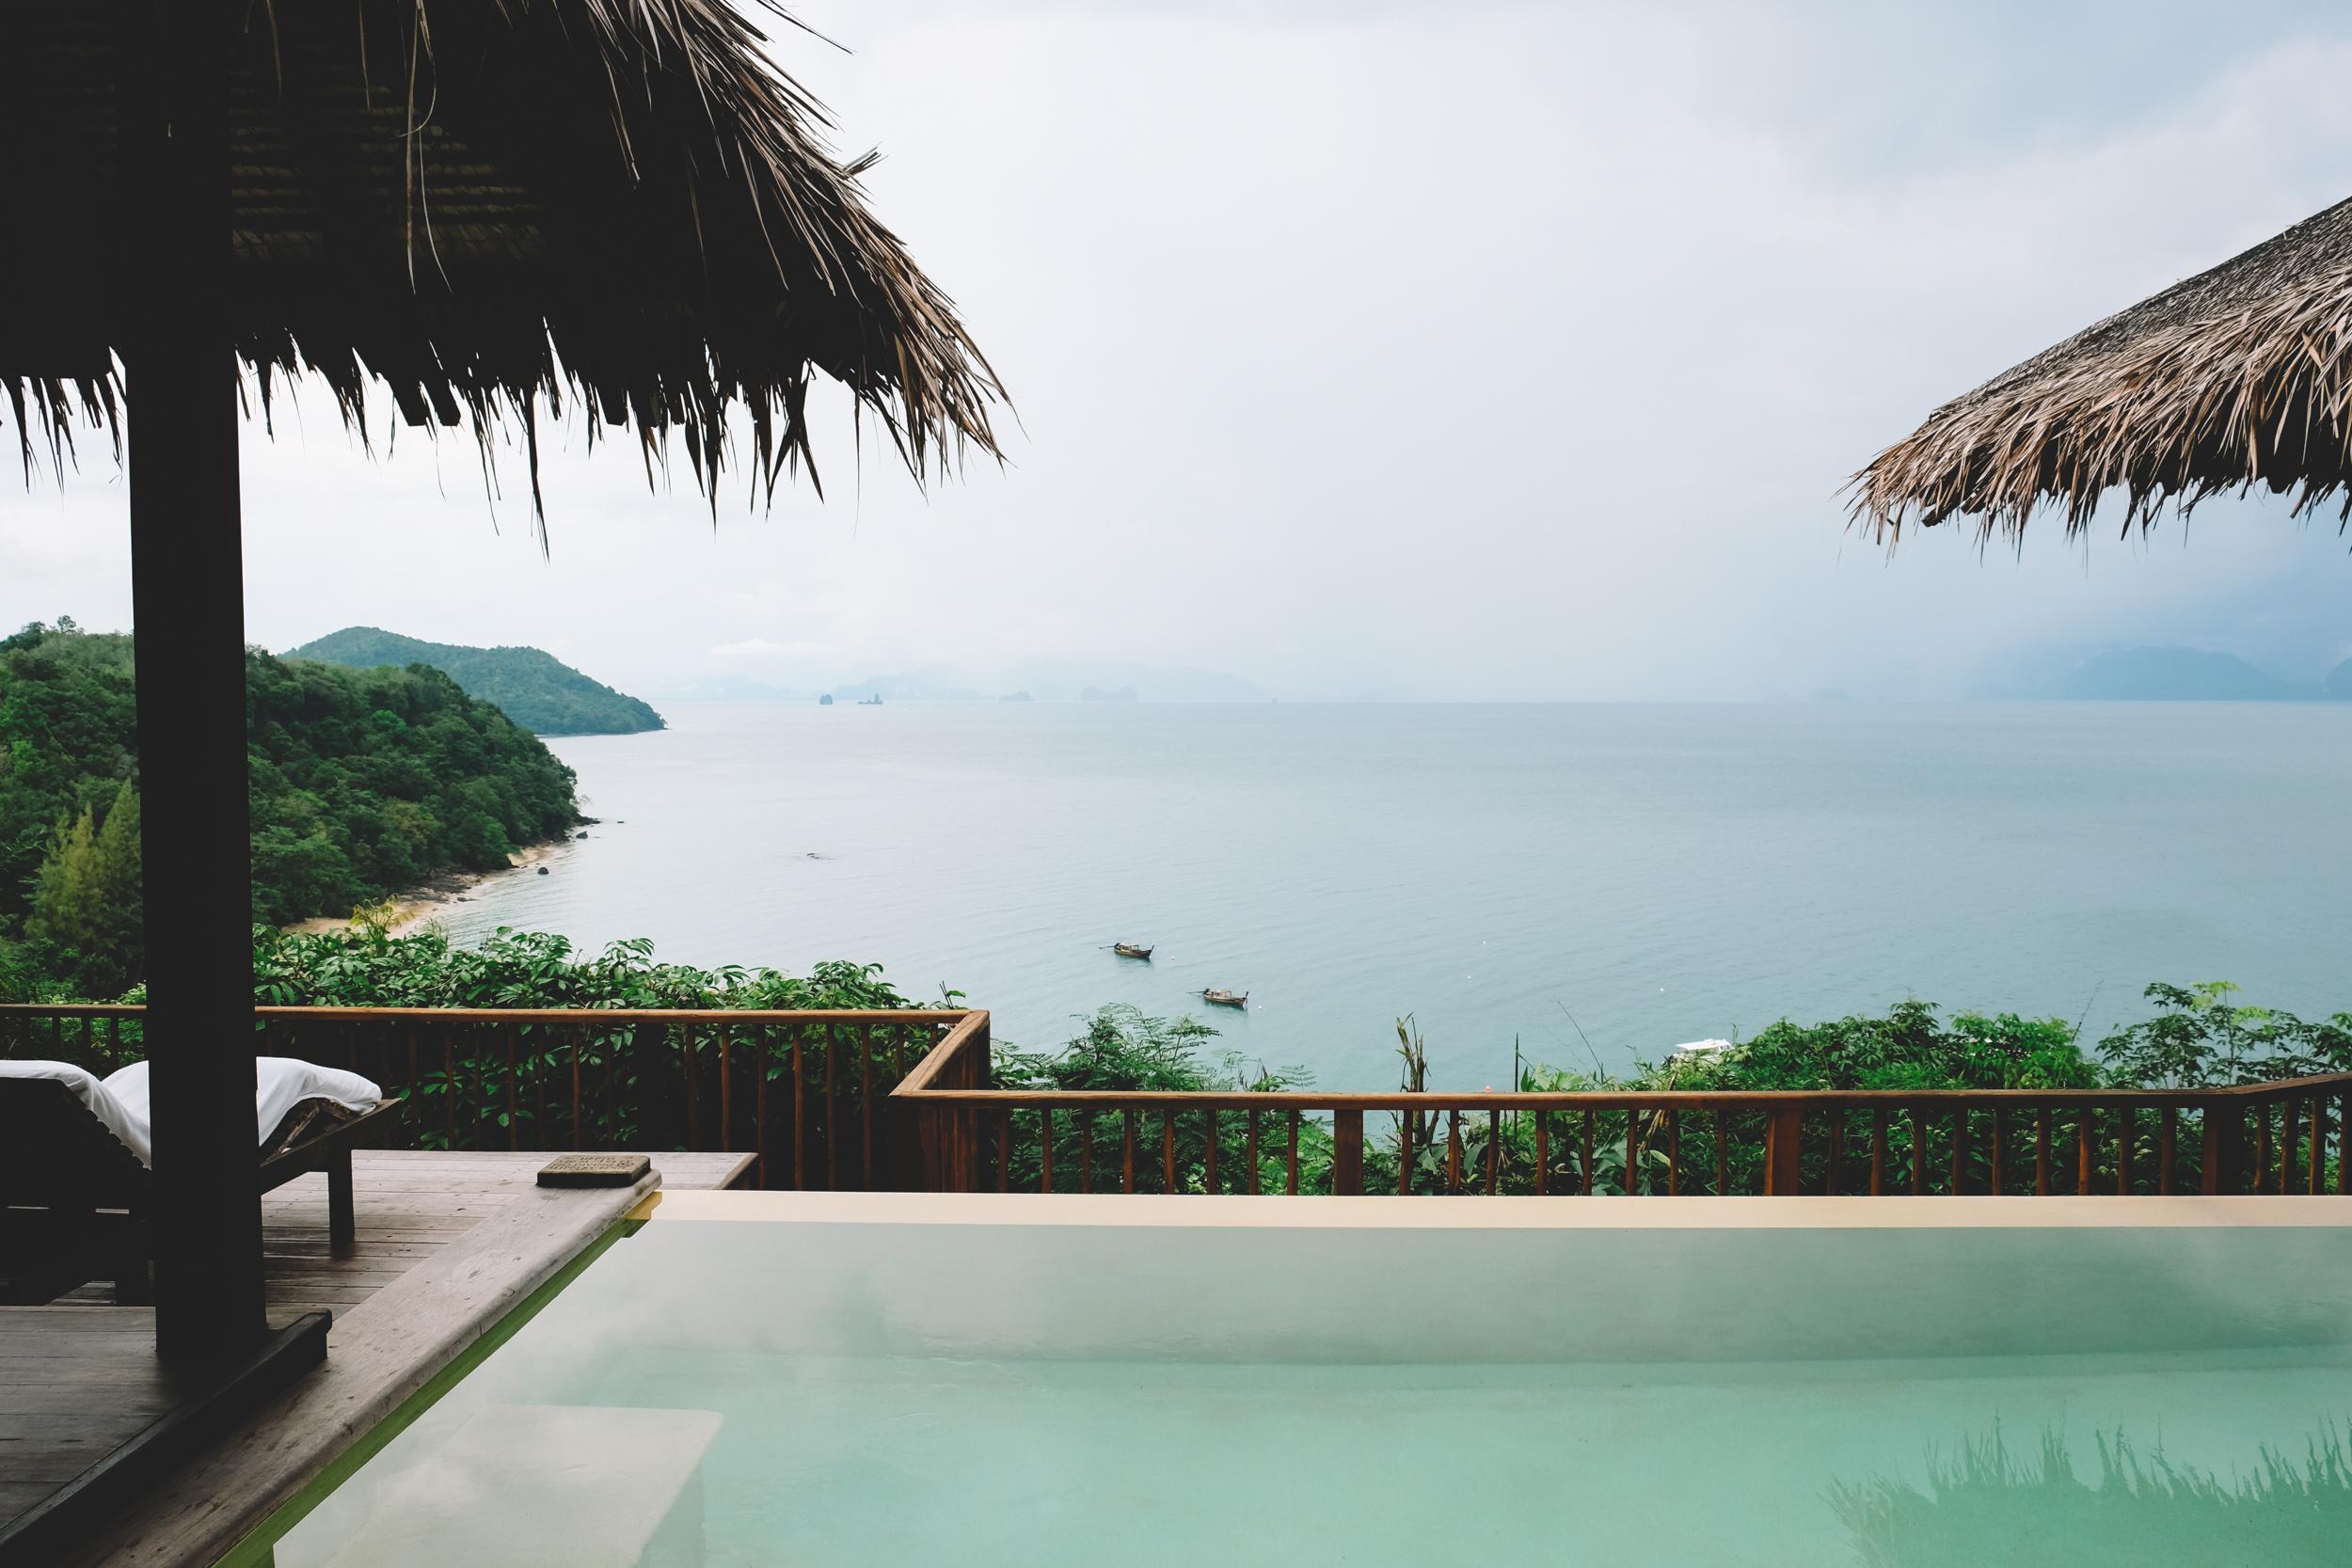 Our very own pool looking over Phang Nga Bay!